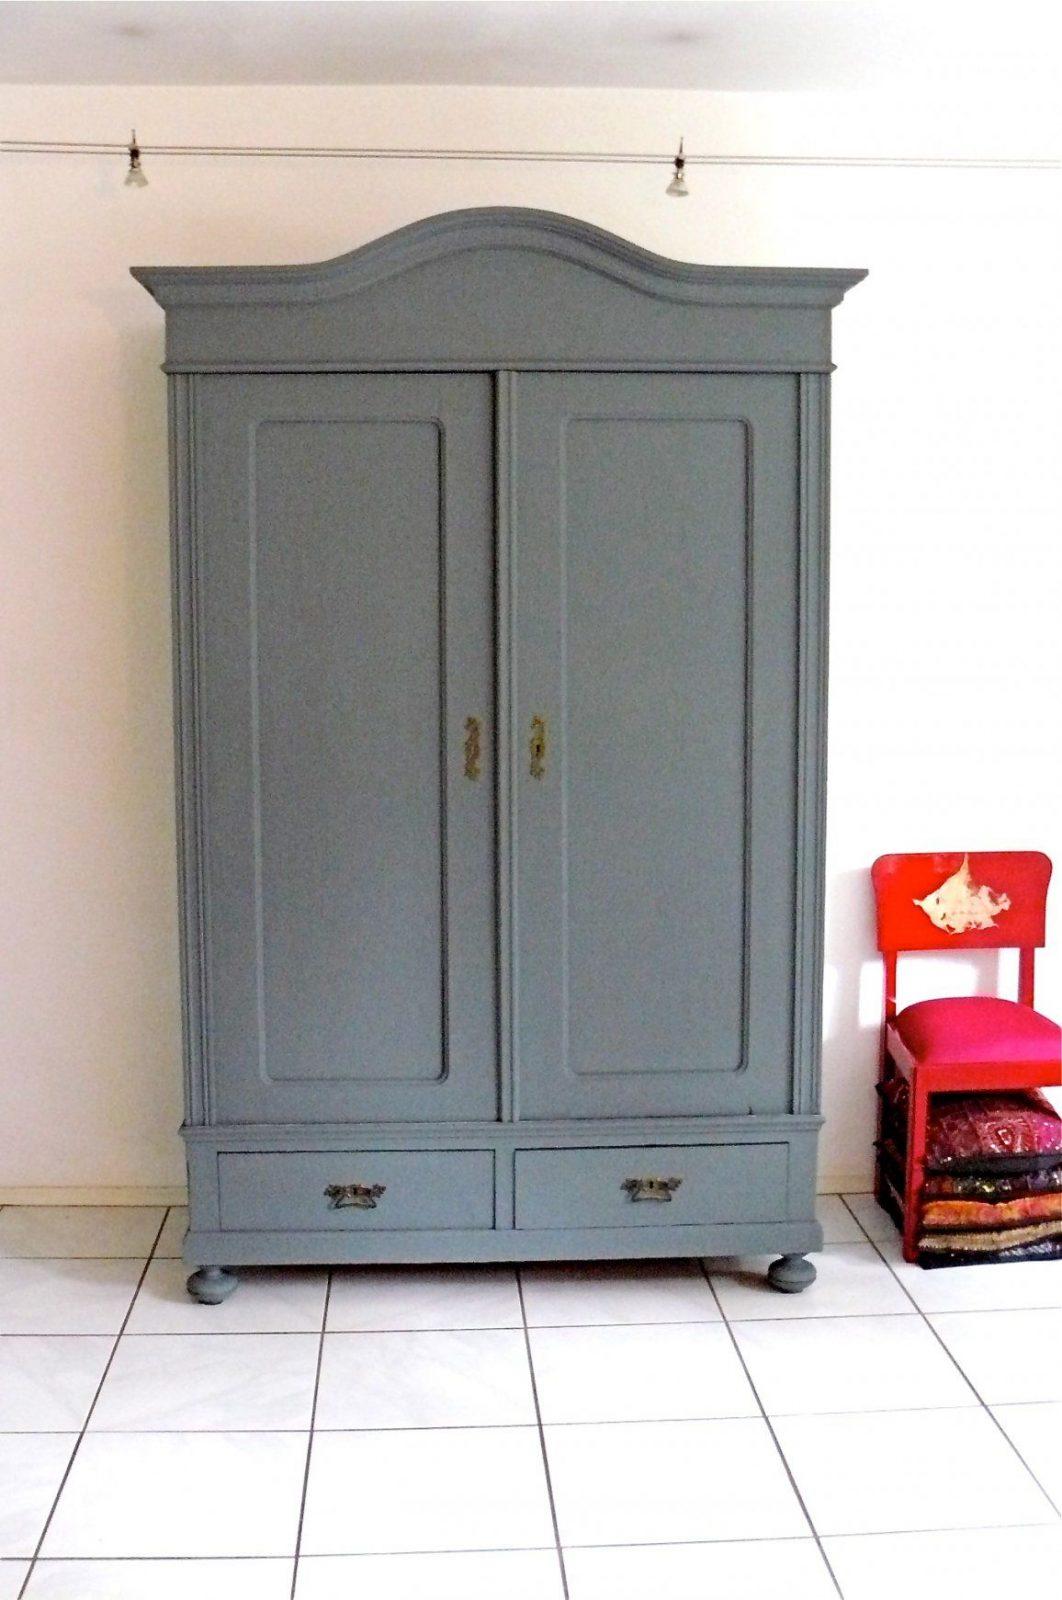 Möbel Streichen Mit Moose Färg Matte Farbe Einfach Und Schön von Schrank Weiß Streichen Ohne Schleifen Photo